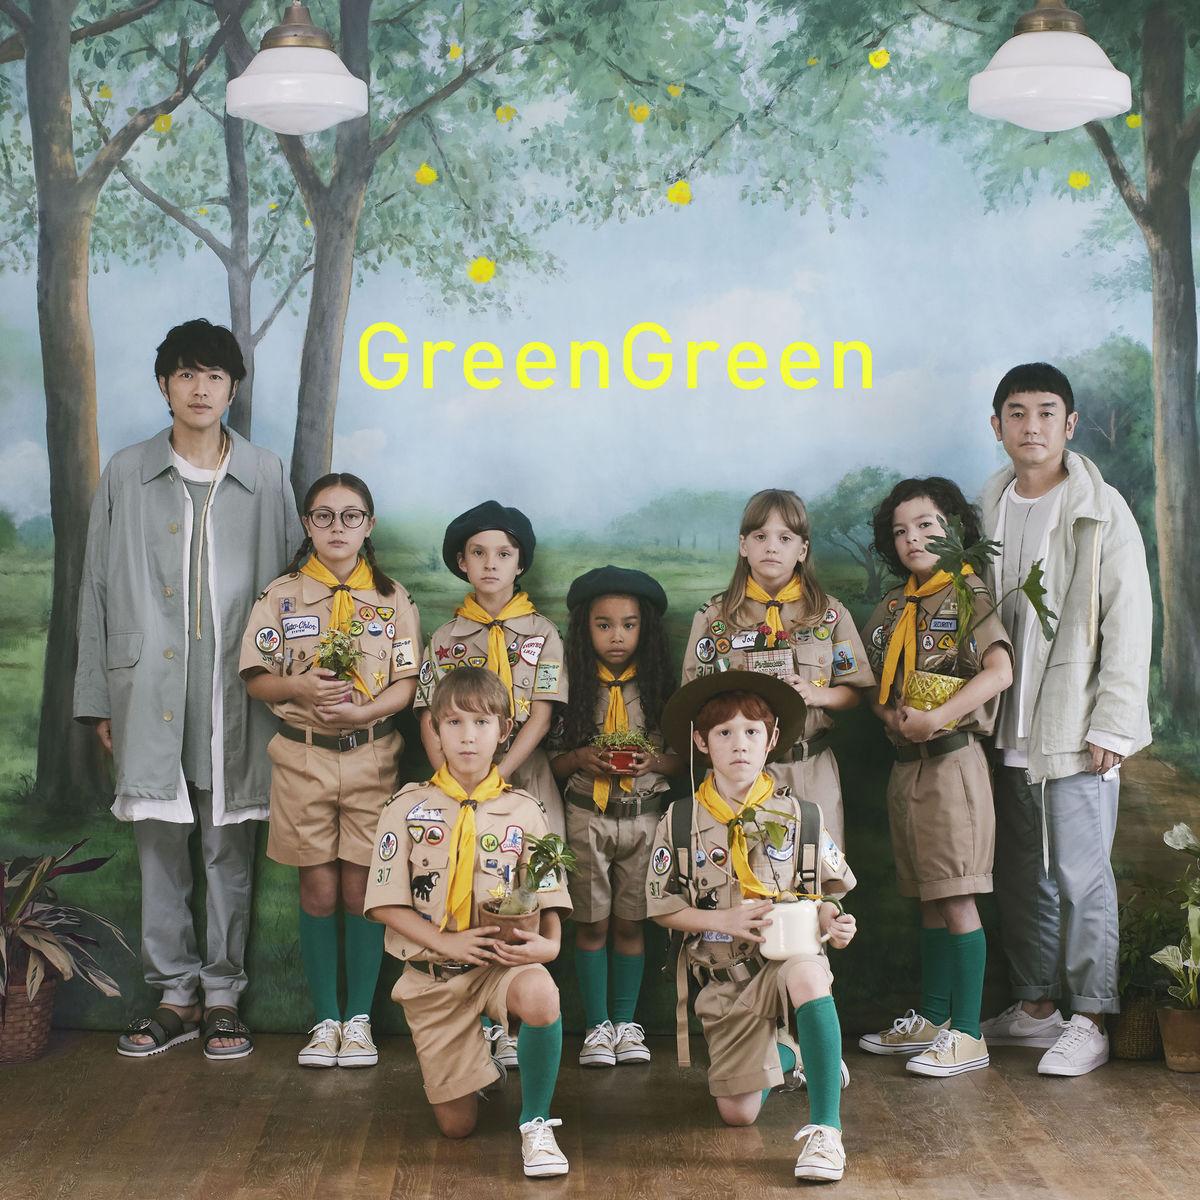 『ゆず - GreenGreen』収録の『GreenGreen』ジャケット